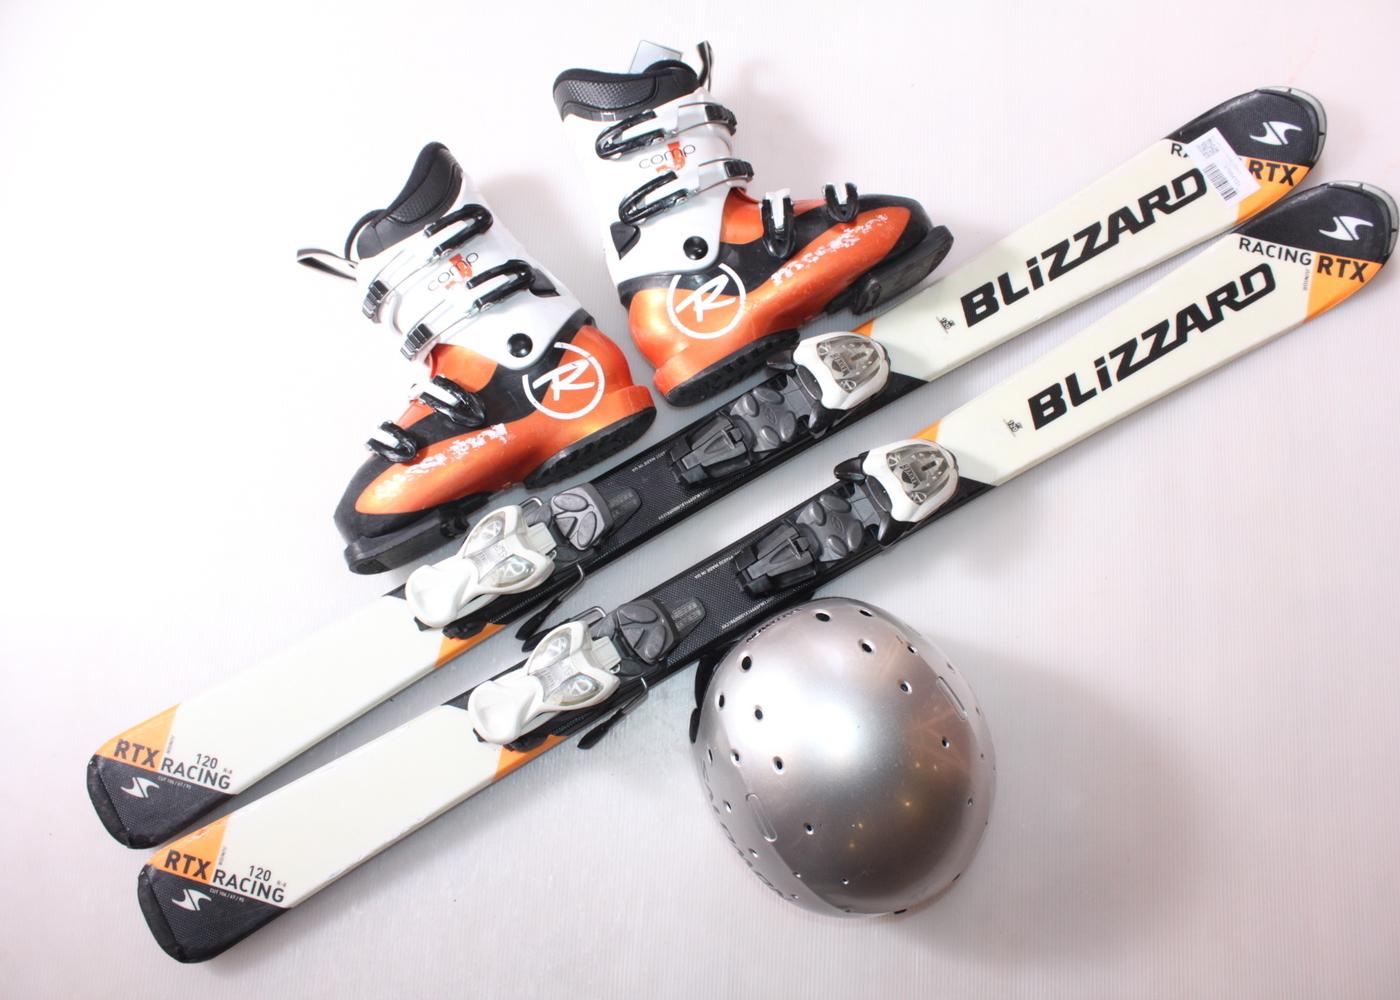 Dětské lyže BLIZZARD RTX RACING 120 cm + lyžáky  36.5EU + helma